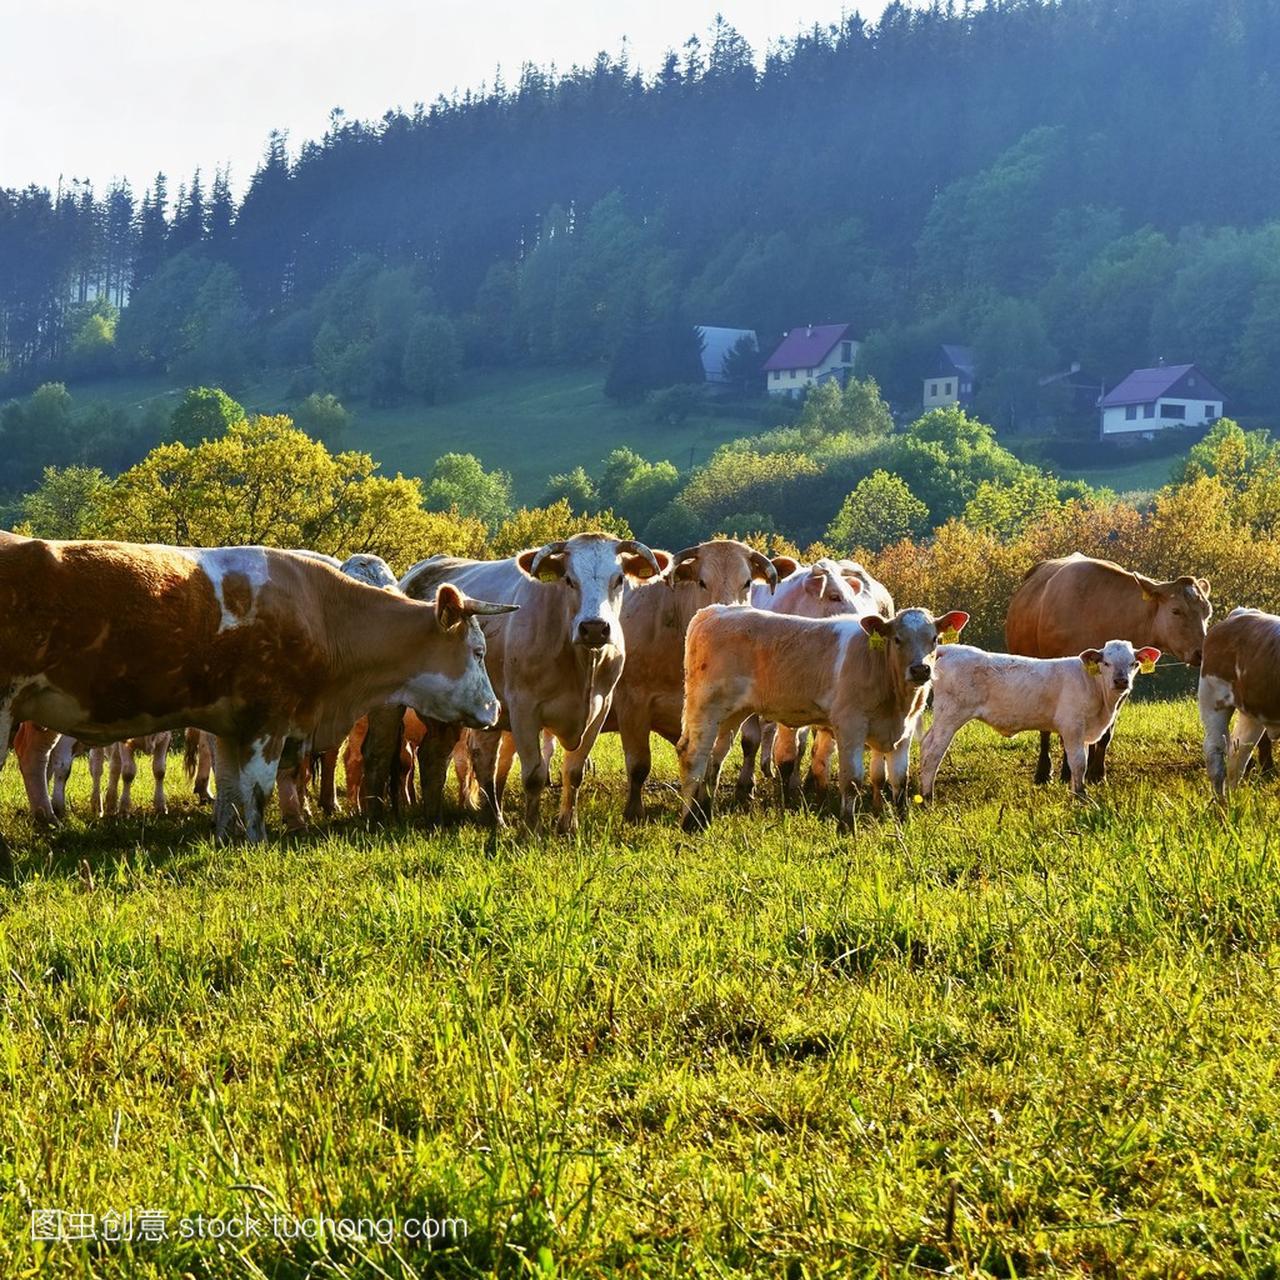 牛在字段中。犊牛在山上放牧在夏天的美丽景观